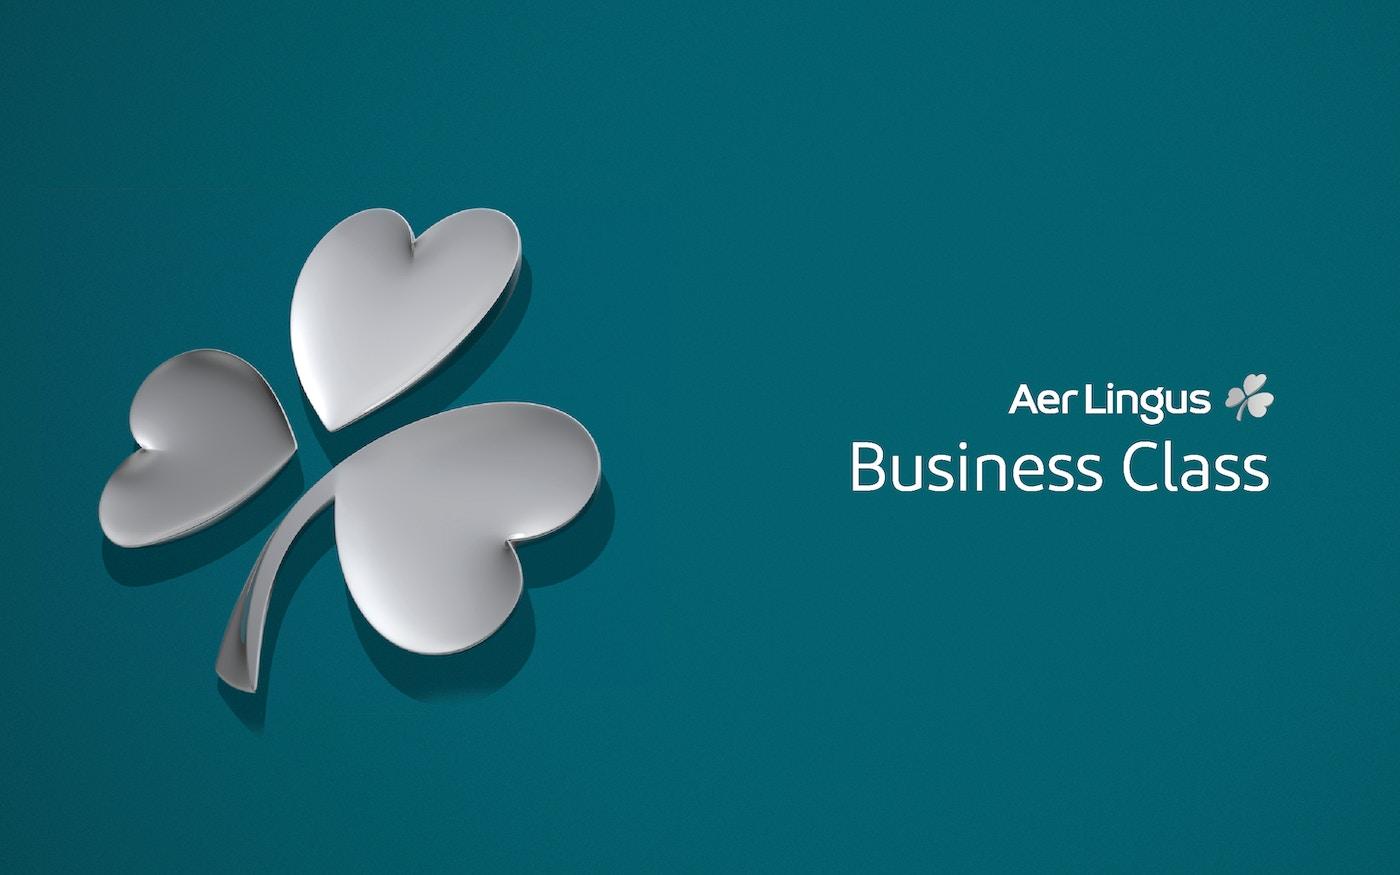 Aer Lingus business class logo